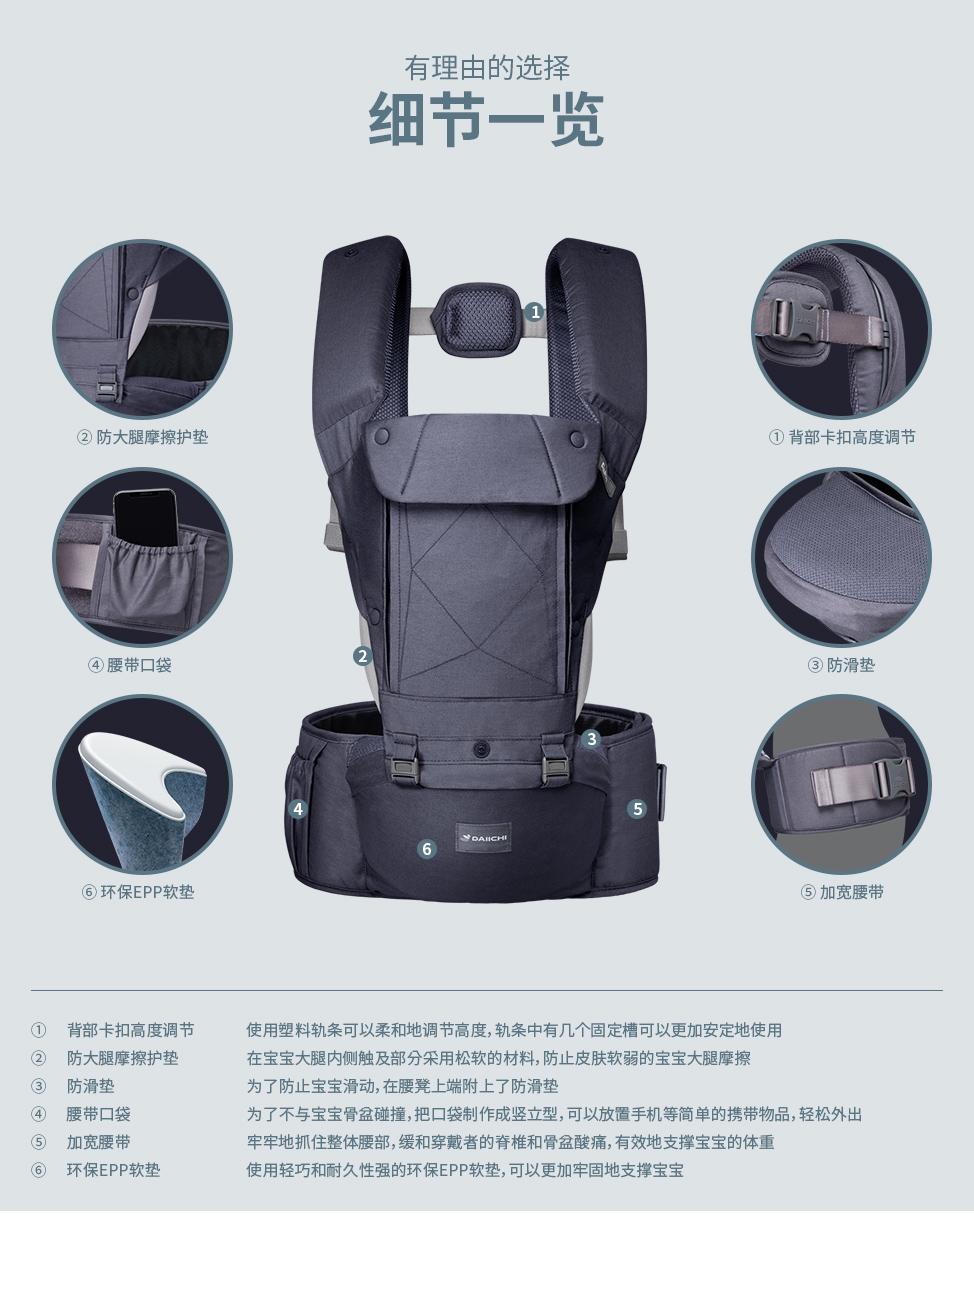 背部卡扣高度调节, 防大腿摩擦护垫, 防滑垫, 腰带口袋, 加宽腰带, 环保EPP软垫